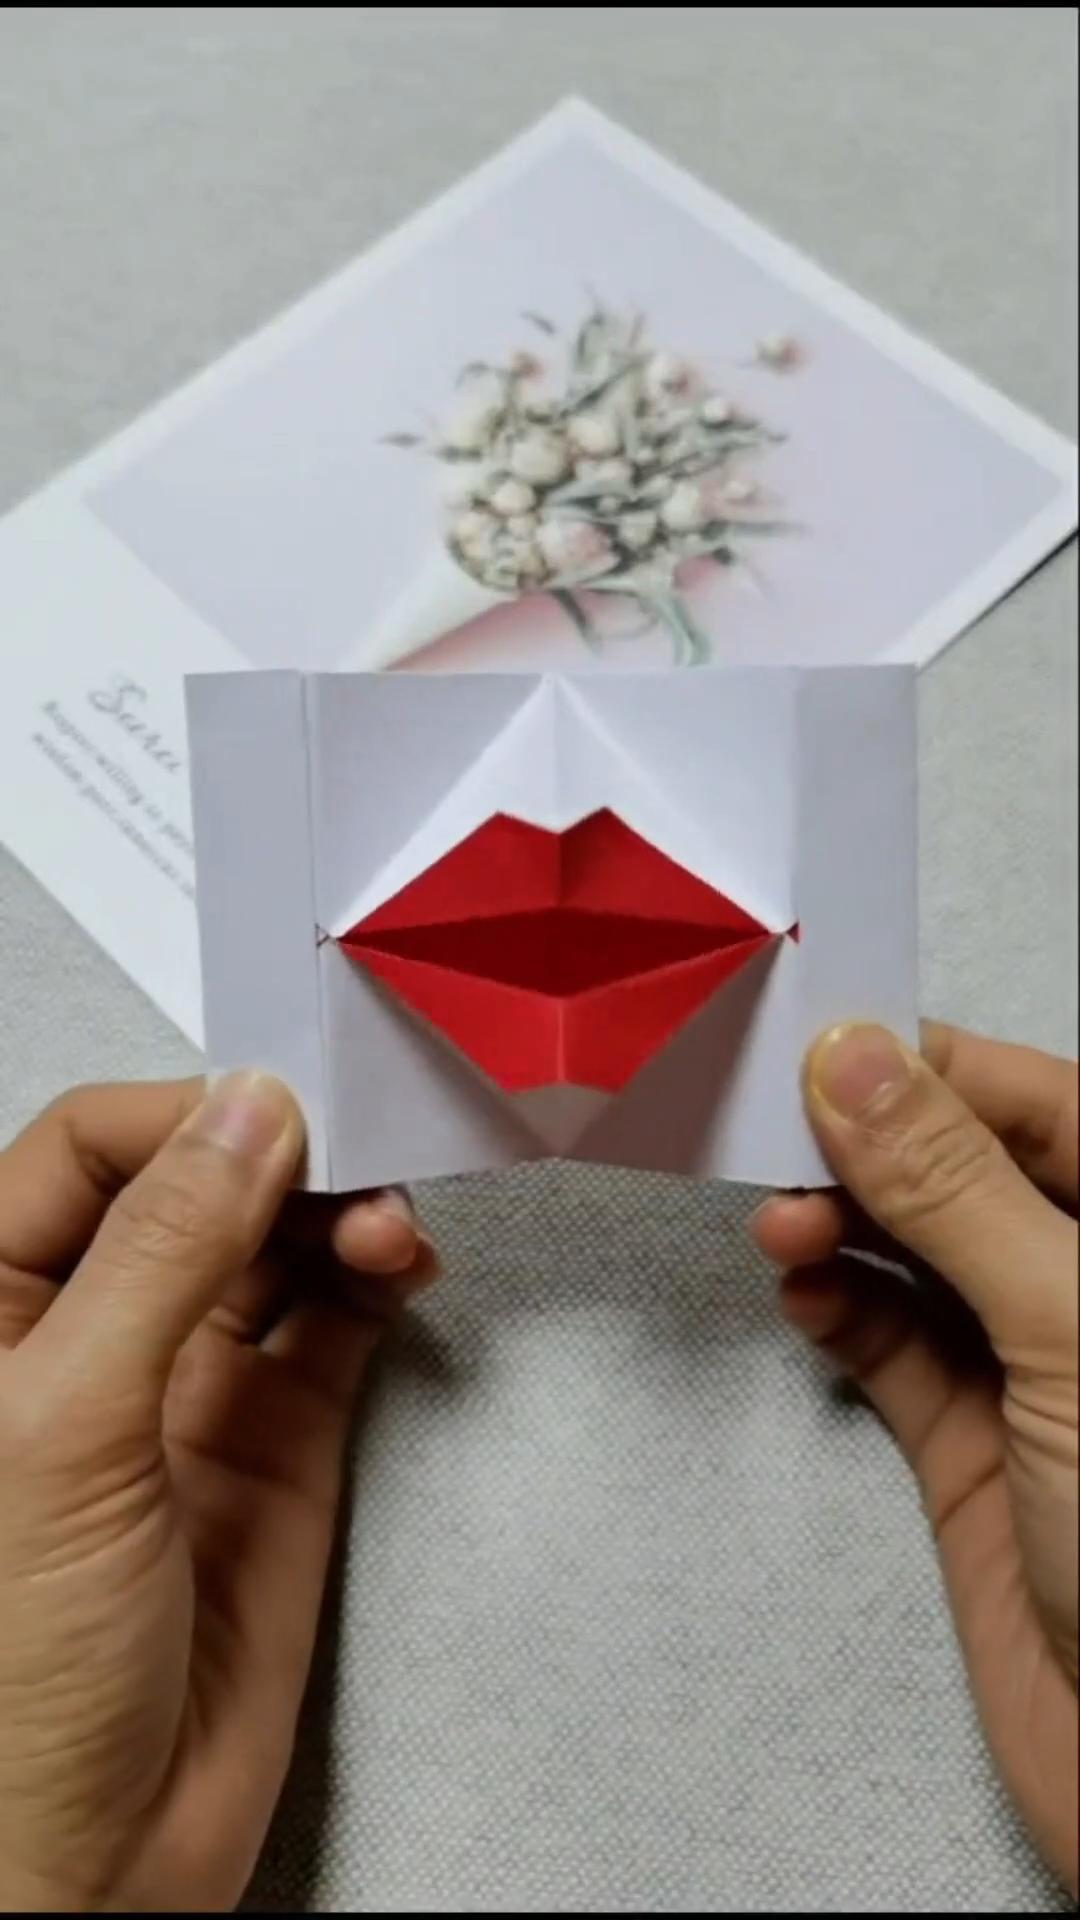 Diy Lip Paper Craft Video In 2020 Paper Crafts Diy Paper Crafts Paper Crafts Diy Tutorials